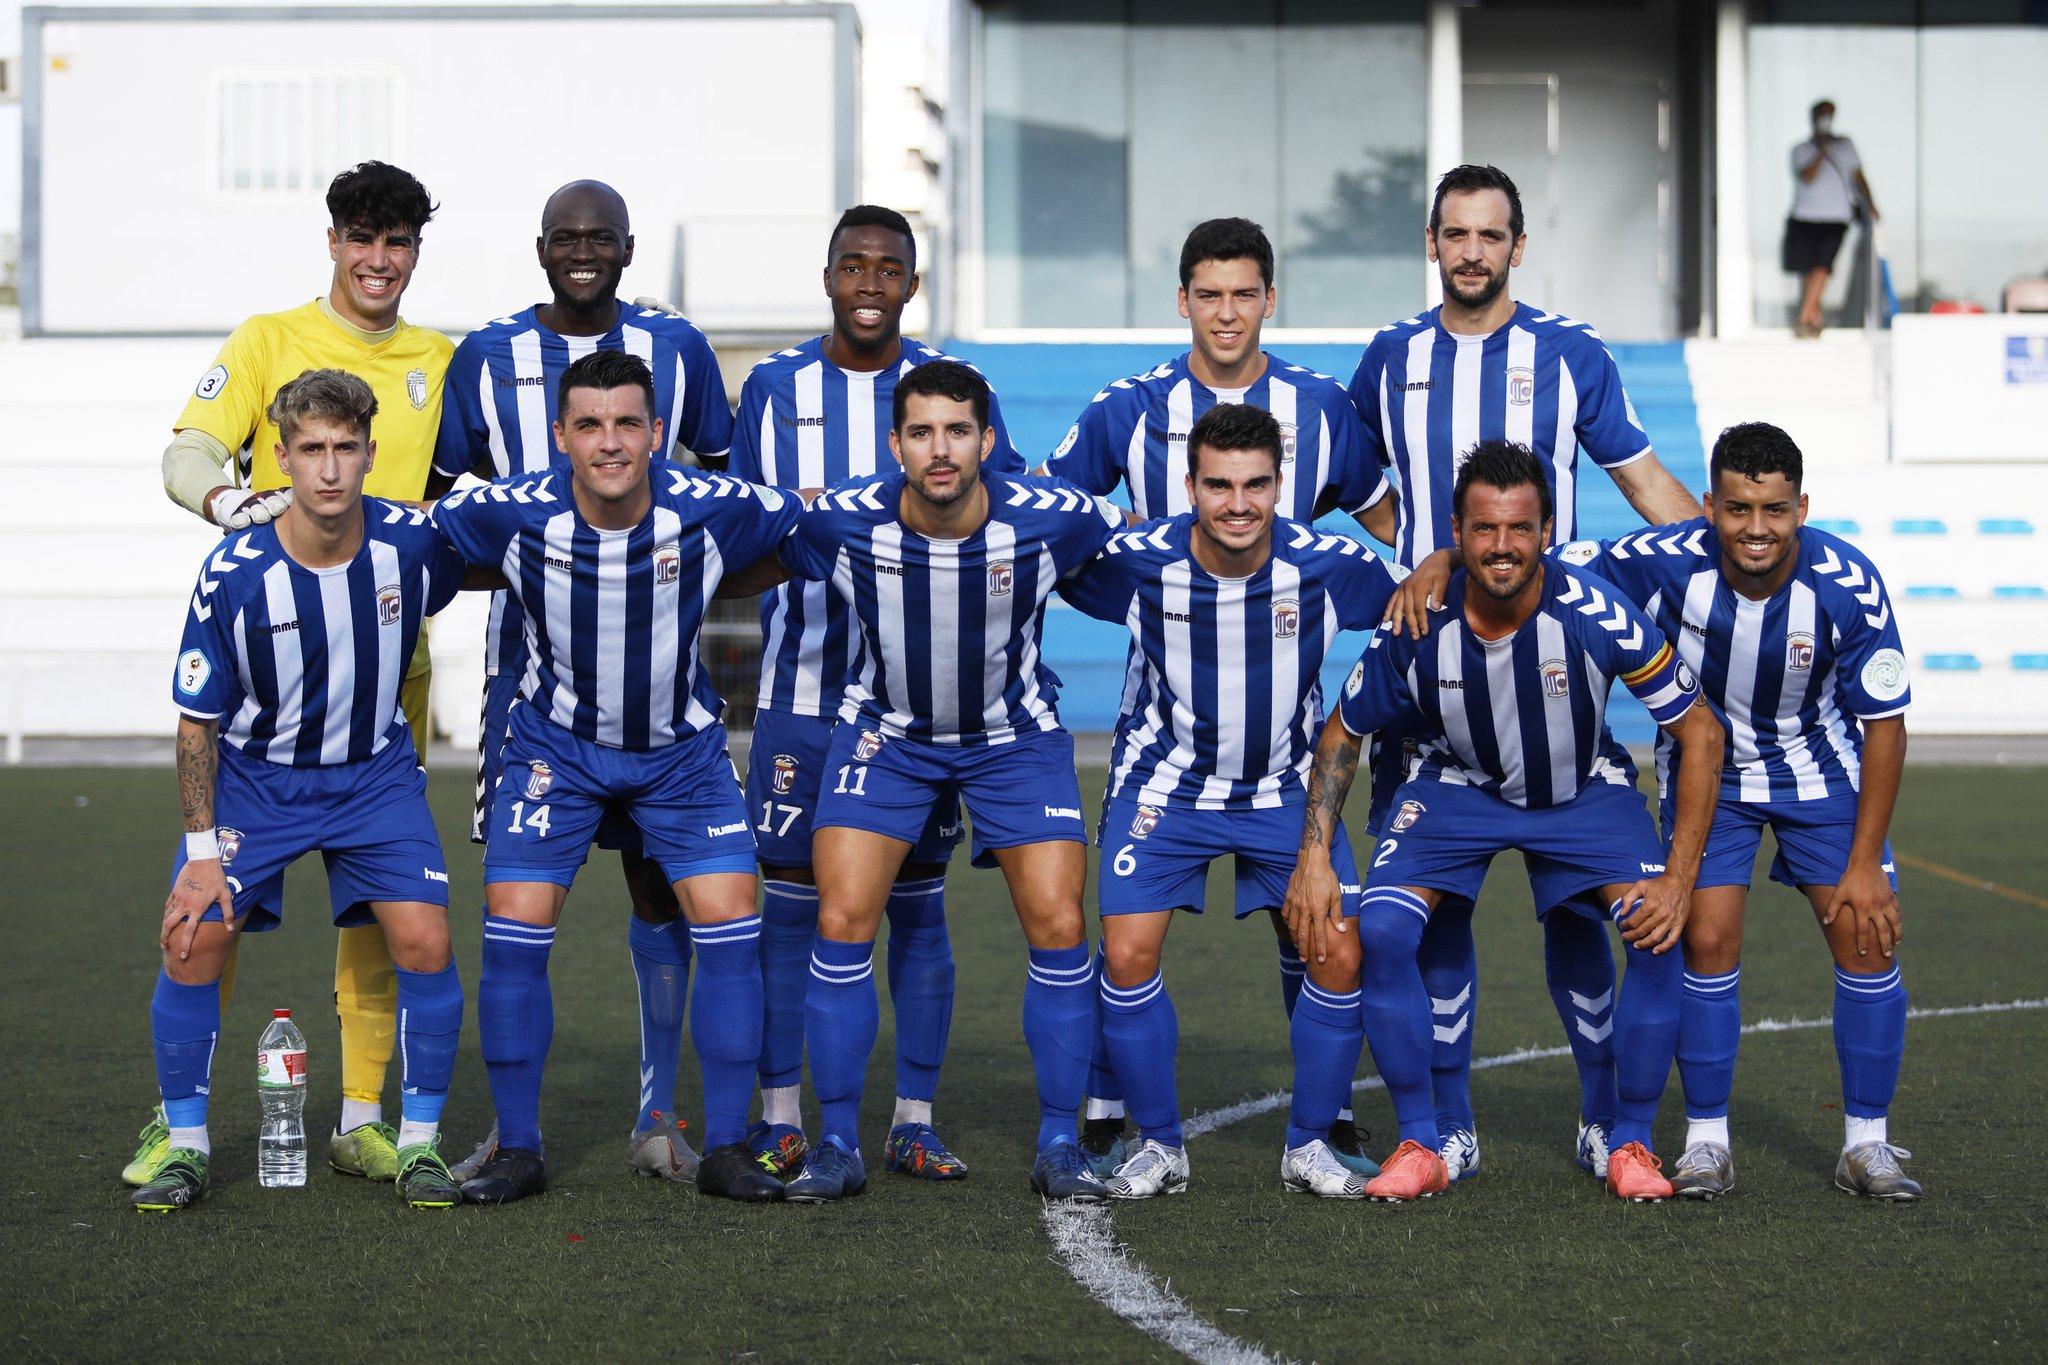 L'onze inicial del CP San Cristóbal en el primer partit amistós de pretemporada | CP San Cristóbal